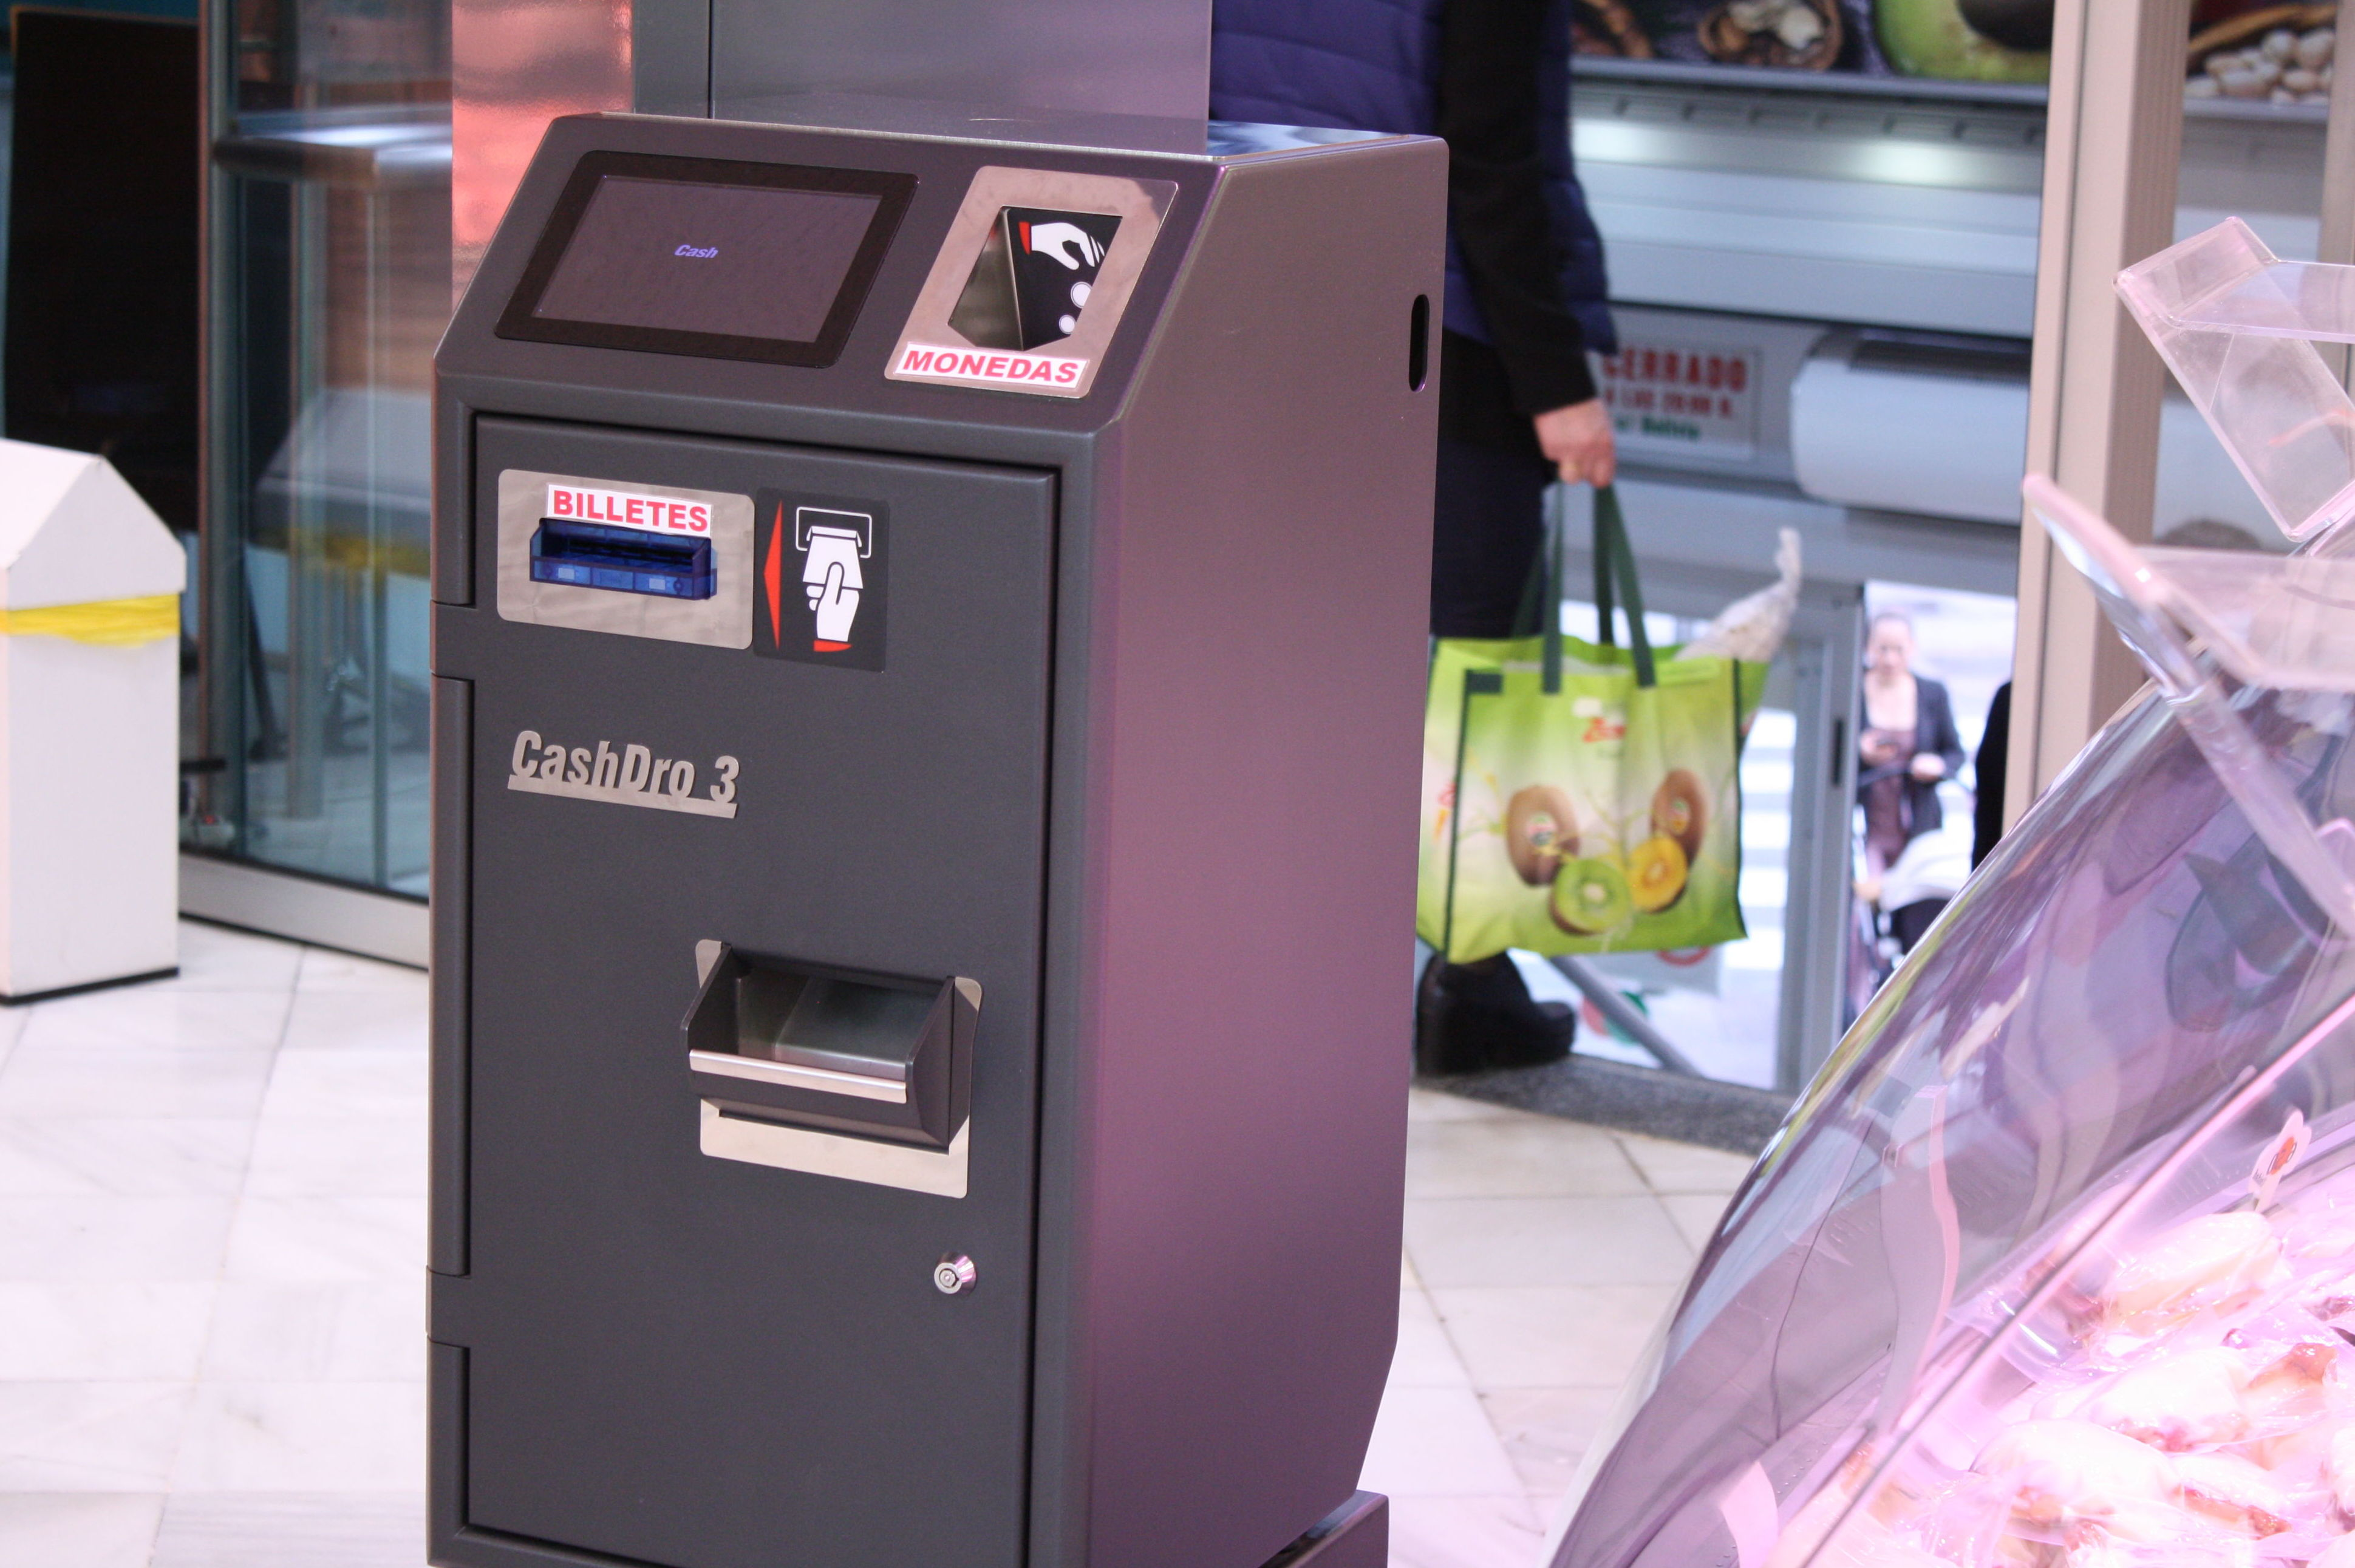 CashDro 3, solución ideal para todo tipo de comercio